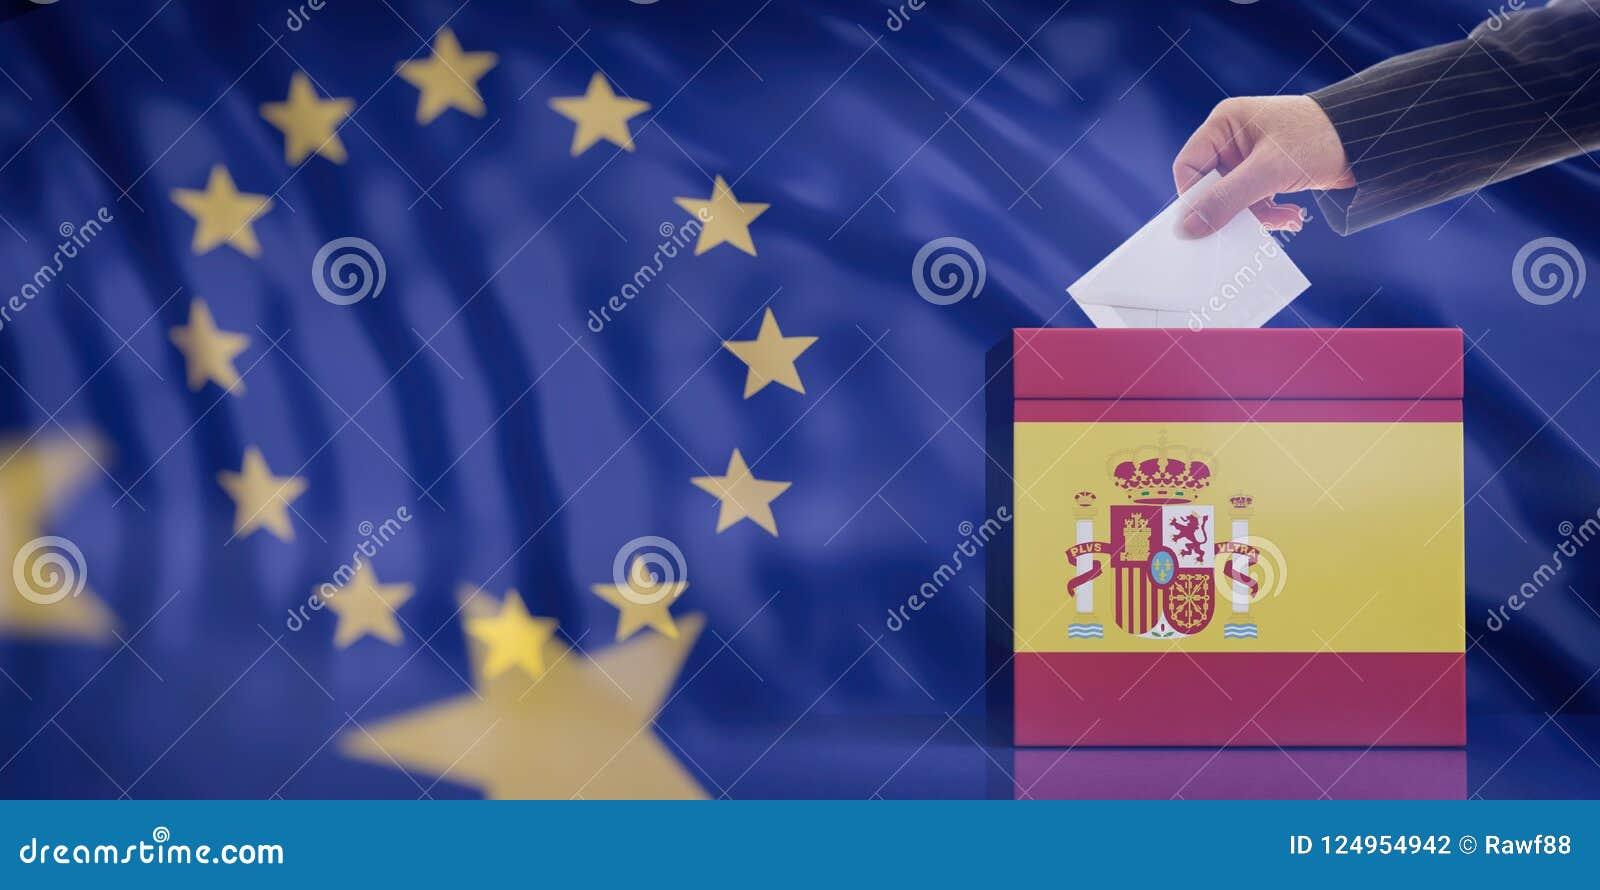 Mano che inserisce una busta in un urna della bandiera della Spagna sul fondo della bandiera di Unione Europea illustrazione 3D